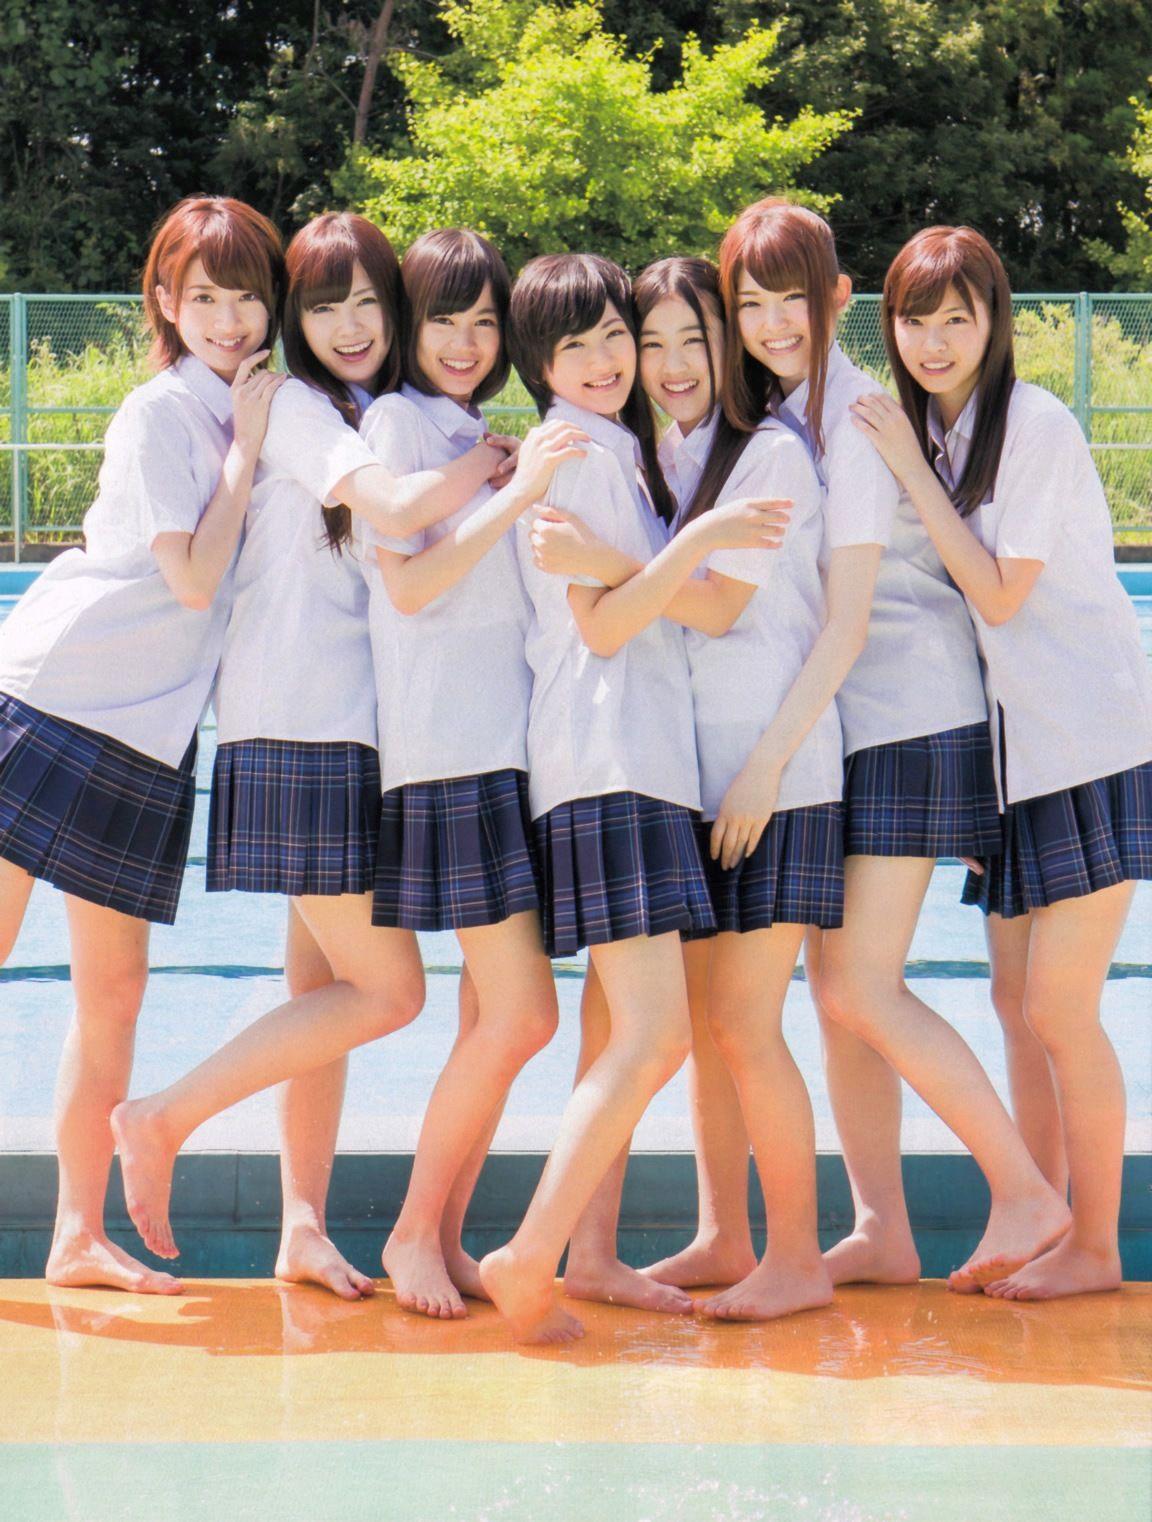 乃木坂46 (nogizaka46) FRIDAY 2012.08.17